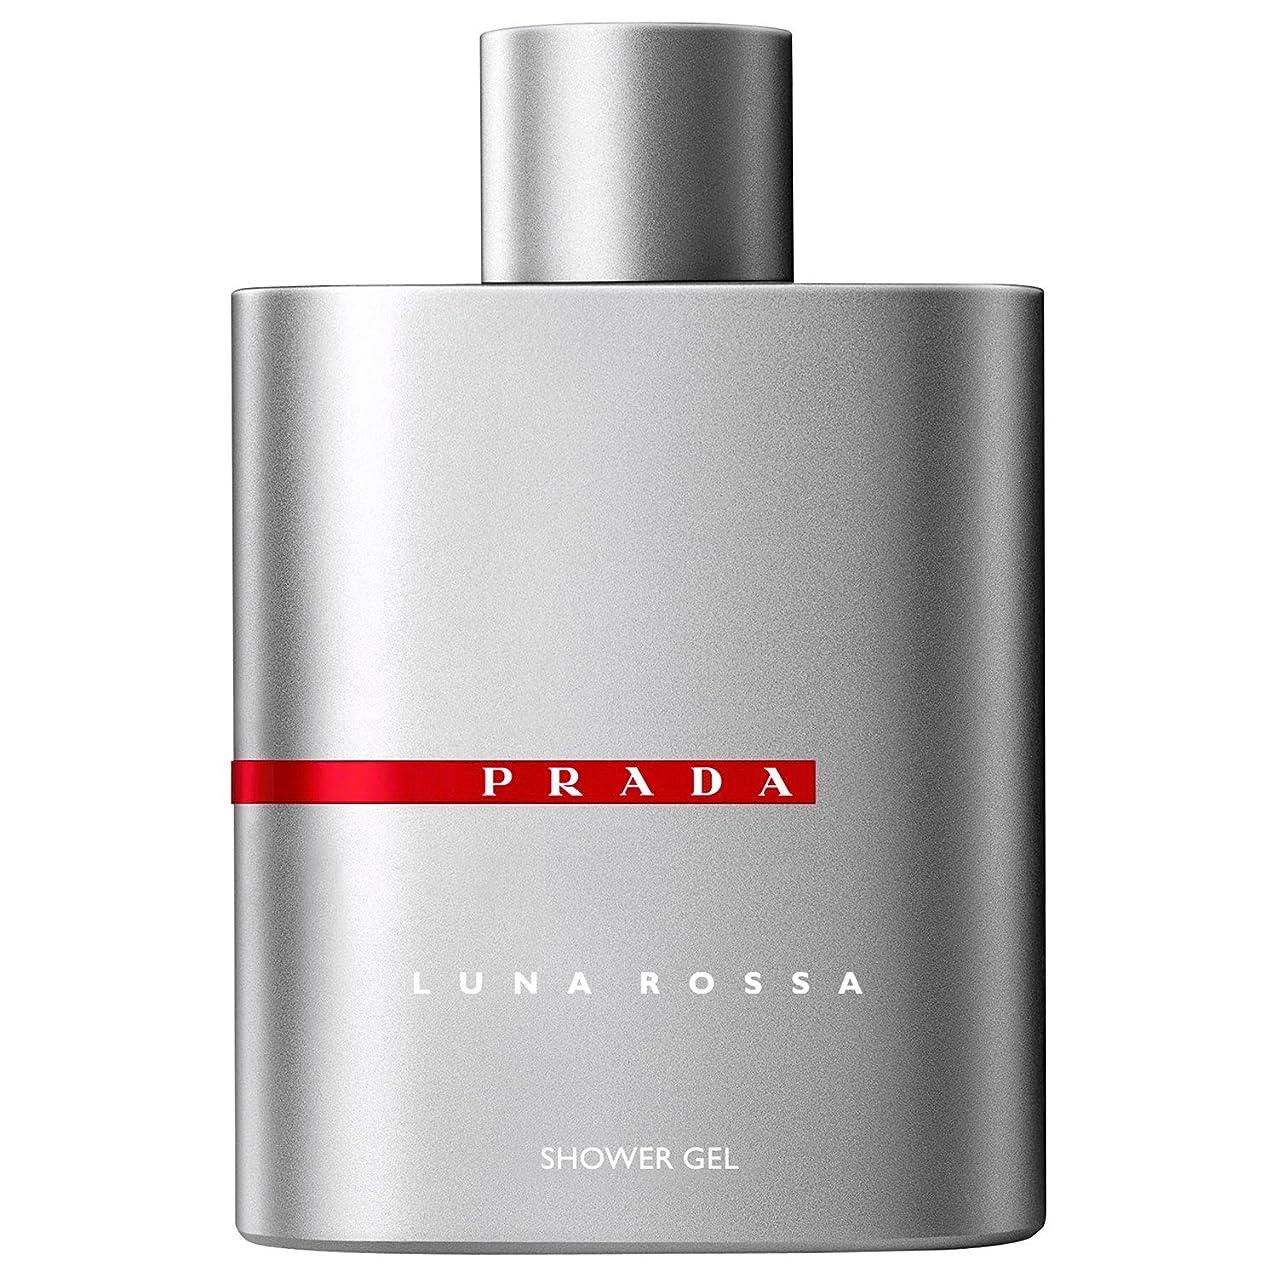 絶壁マカダム聞きますプラダルナロッサシャワージェル150ミリリットル (Prada) (x6) - Prada Luna Rossa Shower Gel 150ml (Pack of 6) [並行輸入品]